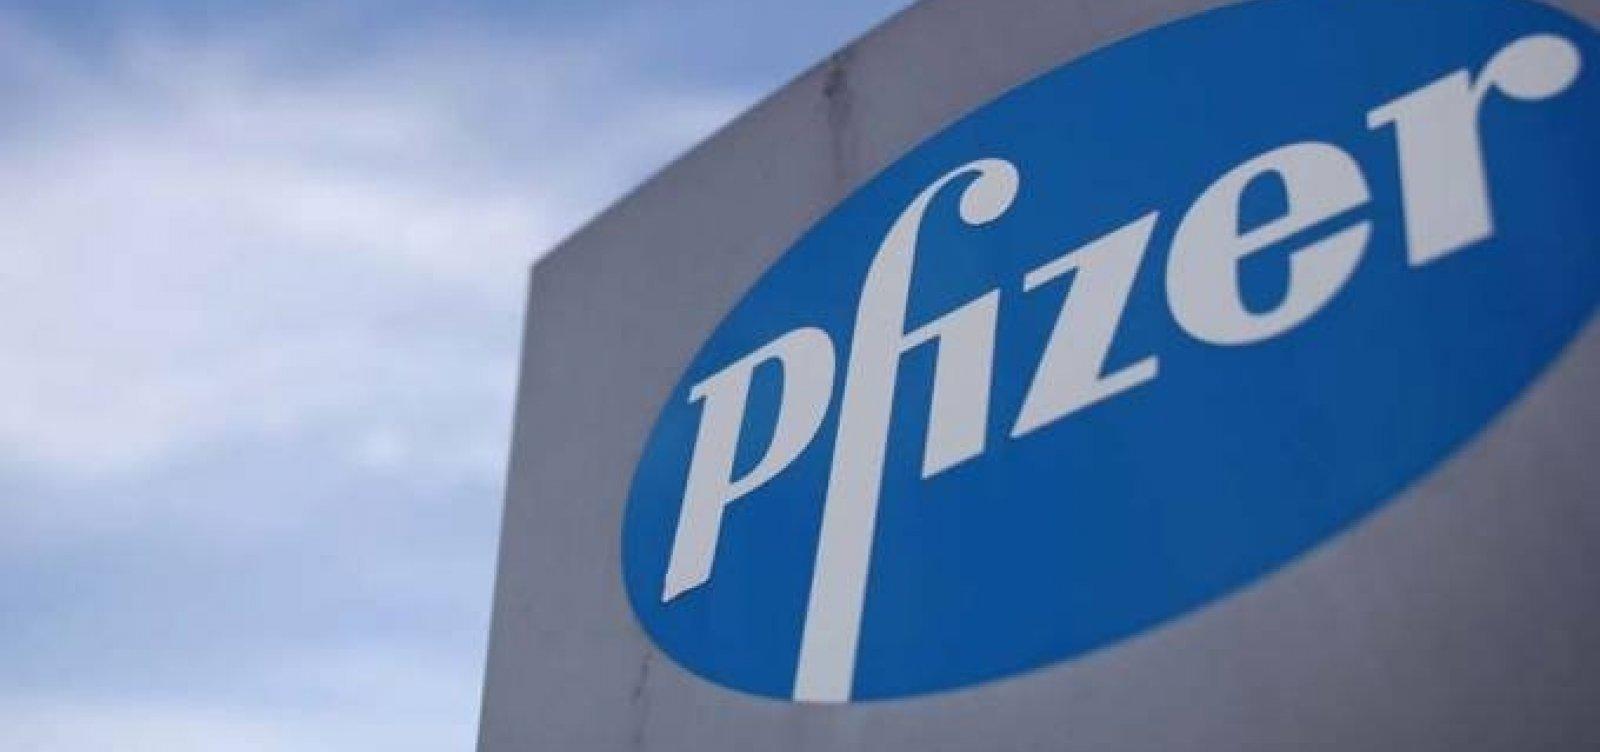 Pfizer confirma que governo rejeitou oferta de 70 milhões de doses de vacina contra covid